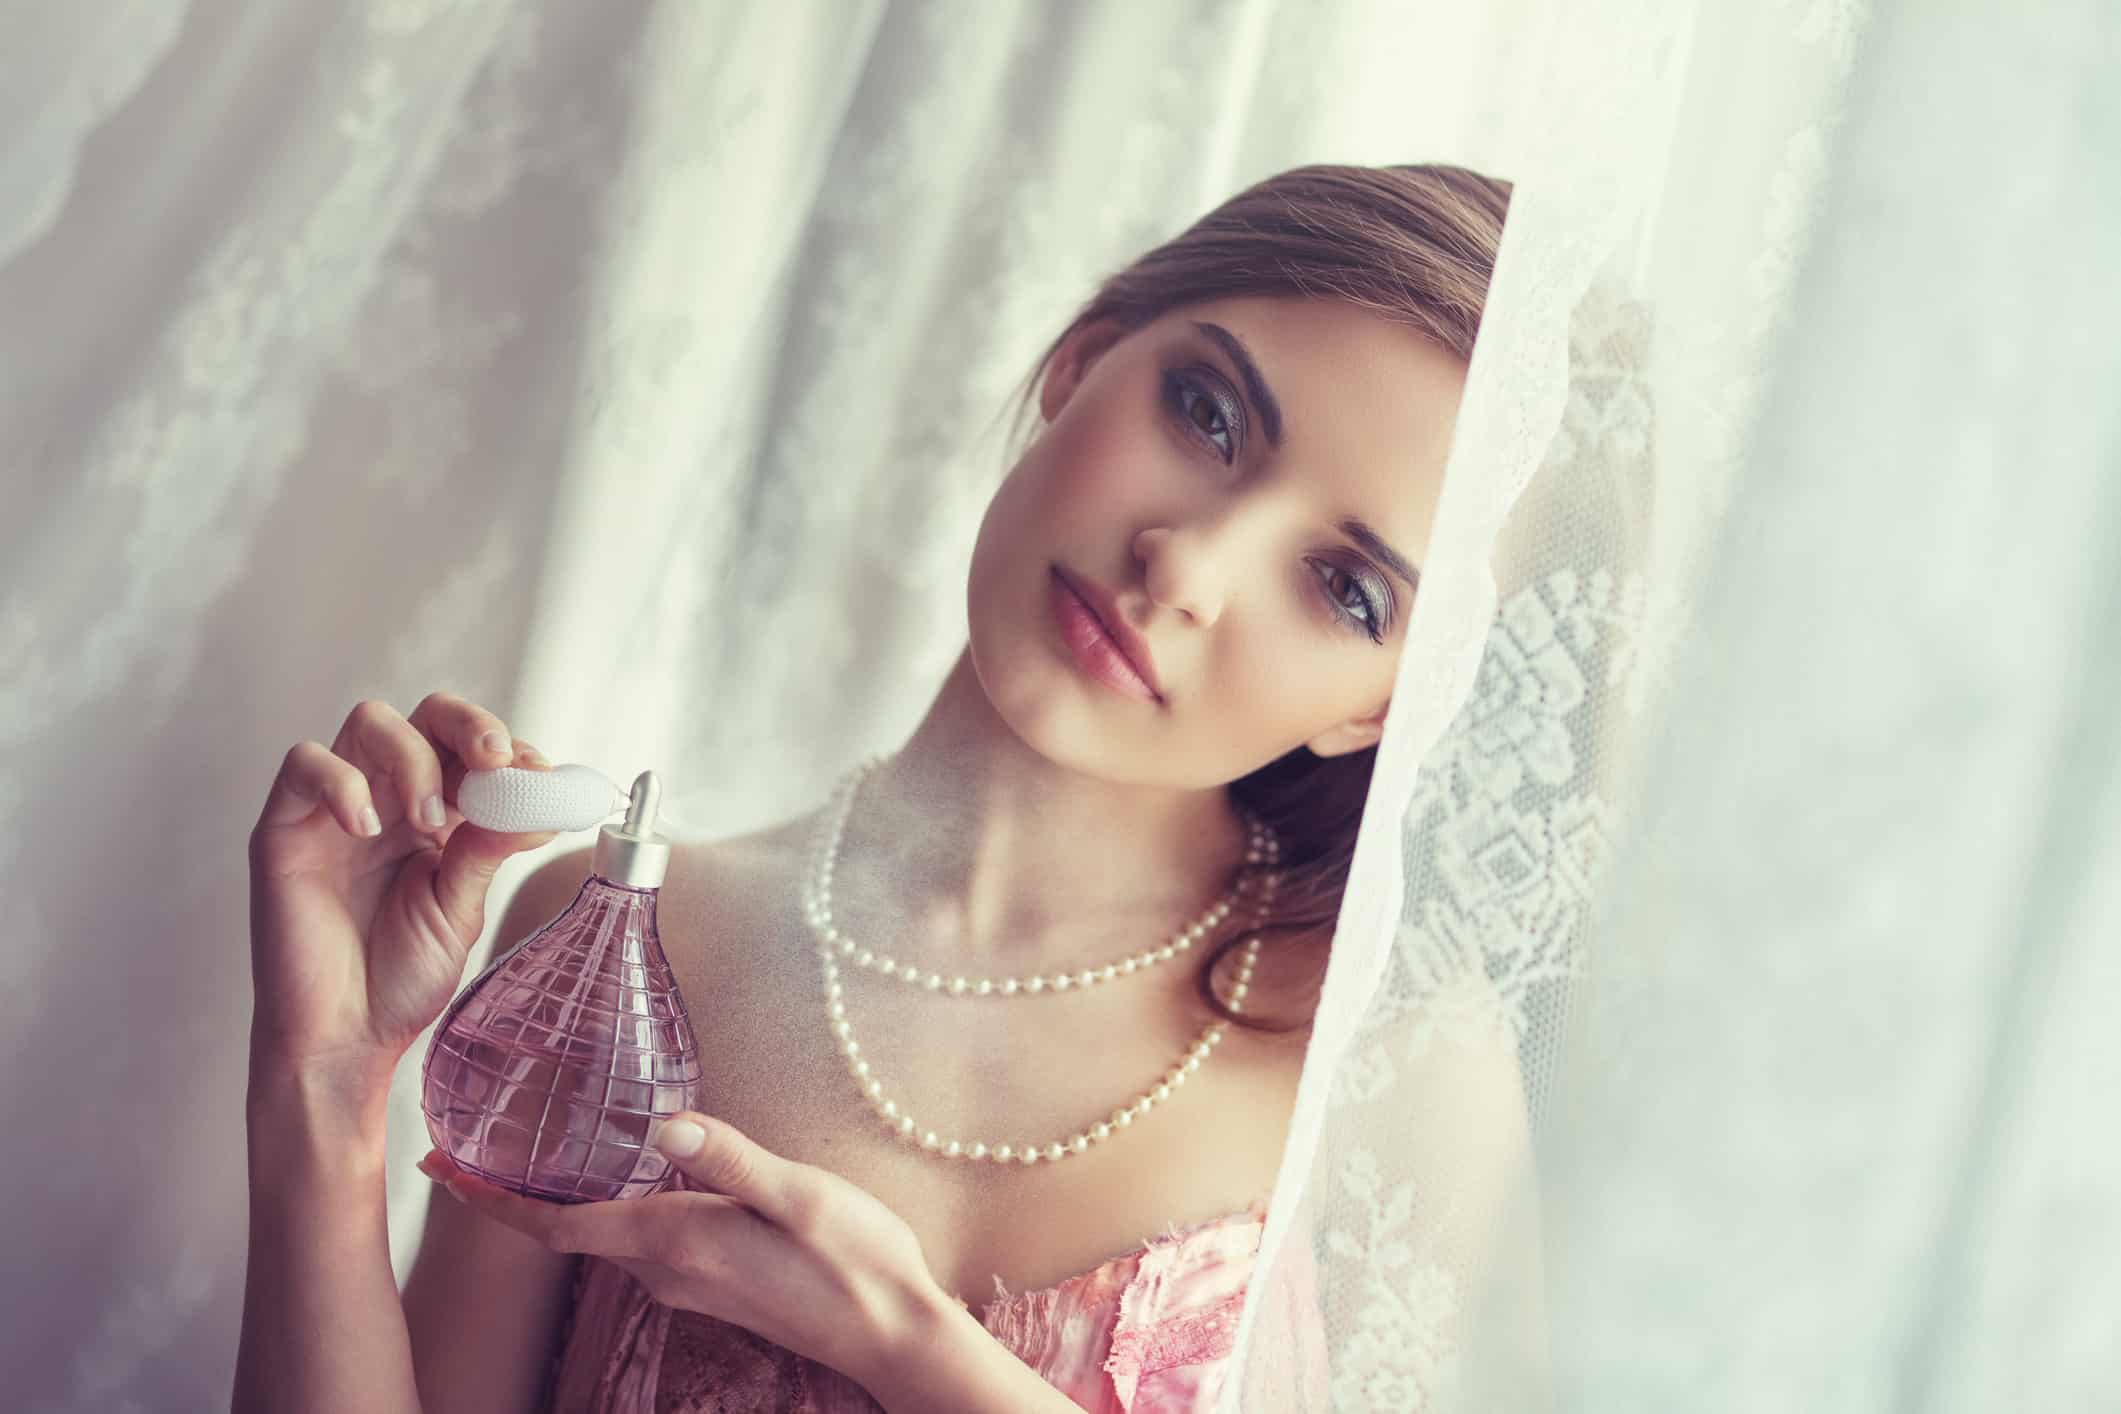 Mùi hương nước hoa tượng trưng cho sự quyến rũ và sức hút lạ kỳ của người phụ nữ.